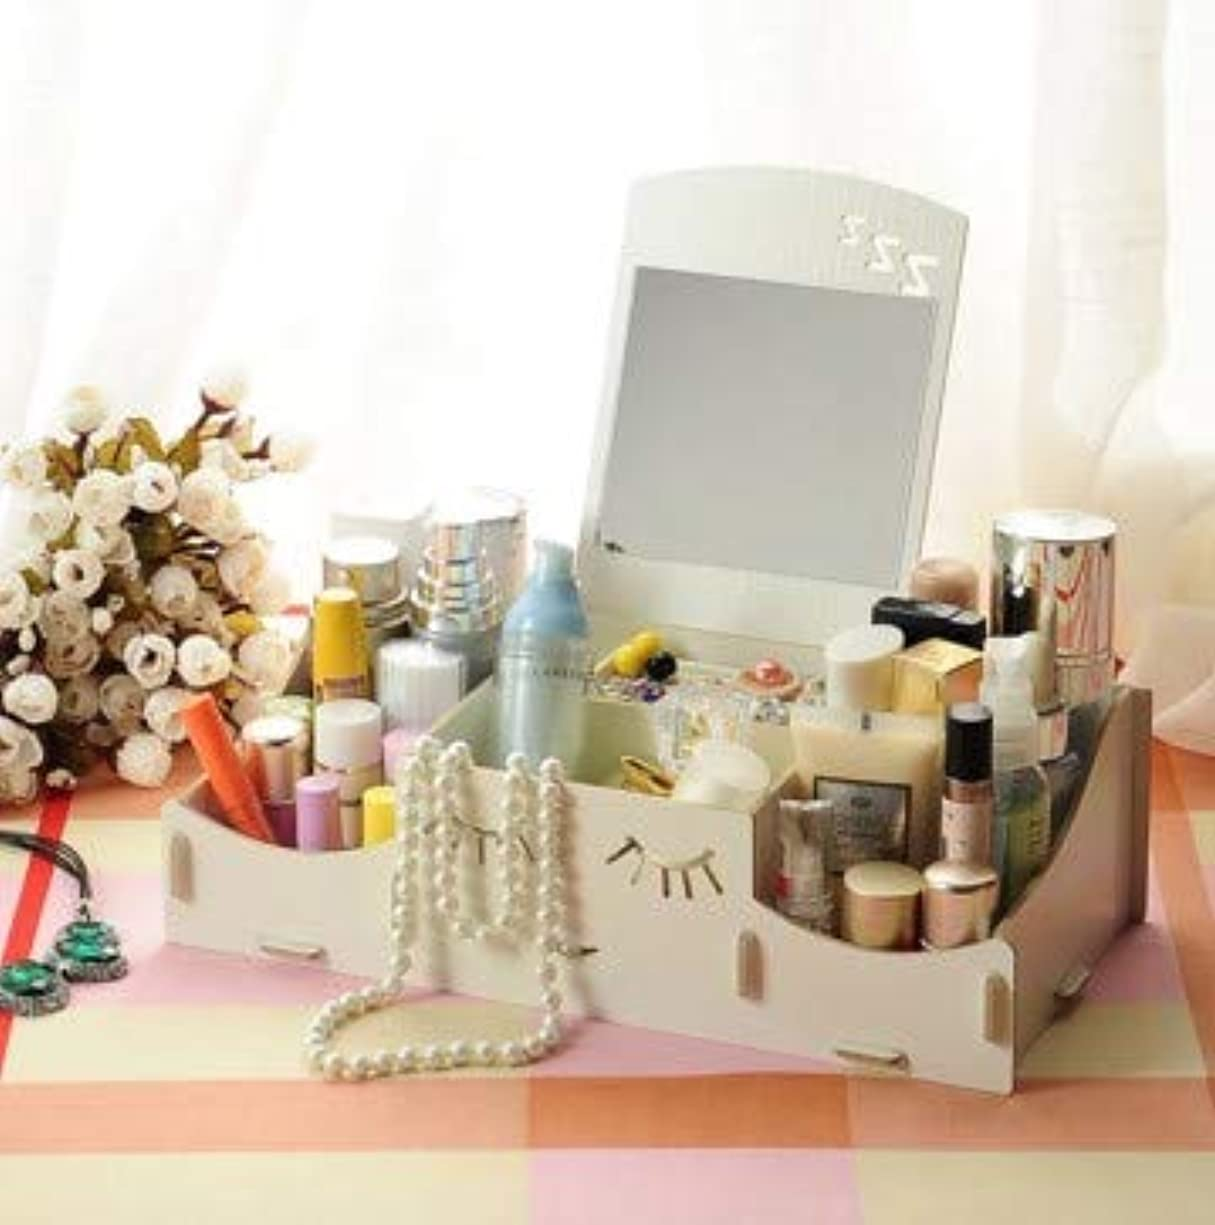 告白する荒れ地バイオリンスマイリー木製クリエイティブ収納ボックス手作りデスクトップミラー化粧品収納ボックス化粧品収納ボックス (Color : ホワイト)